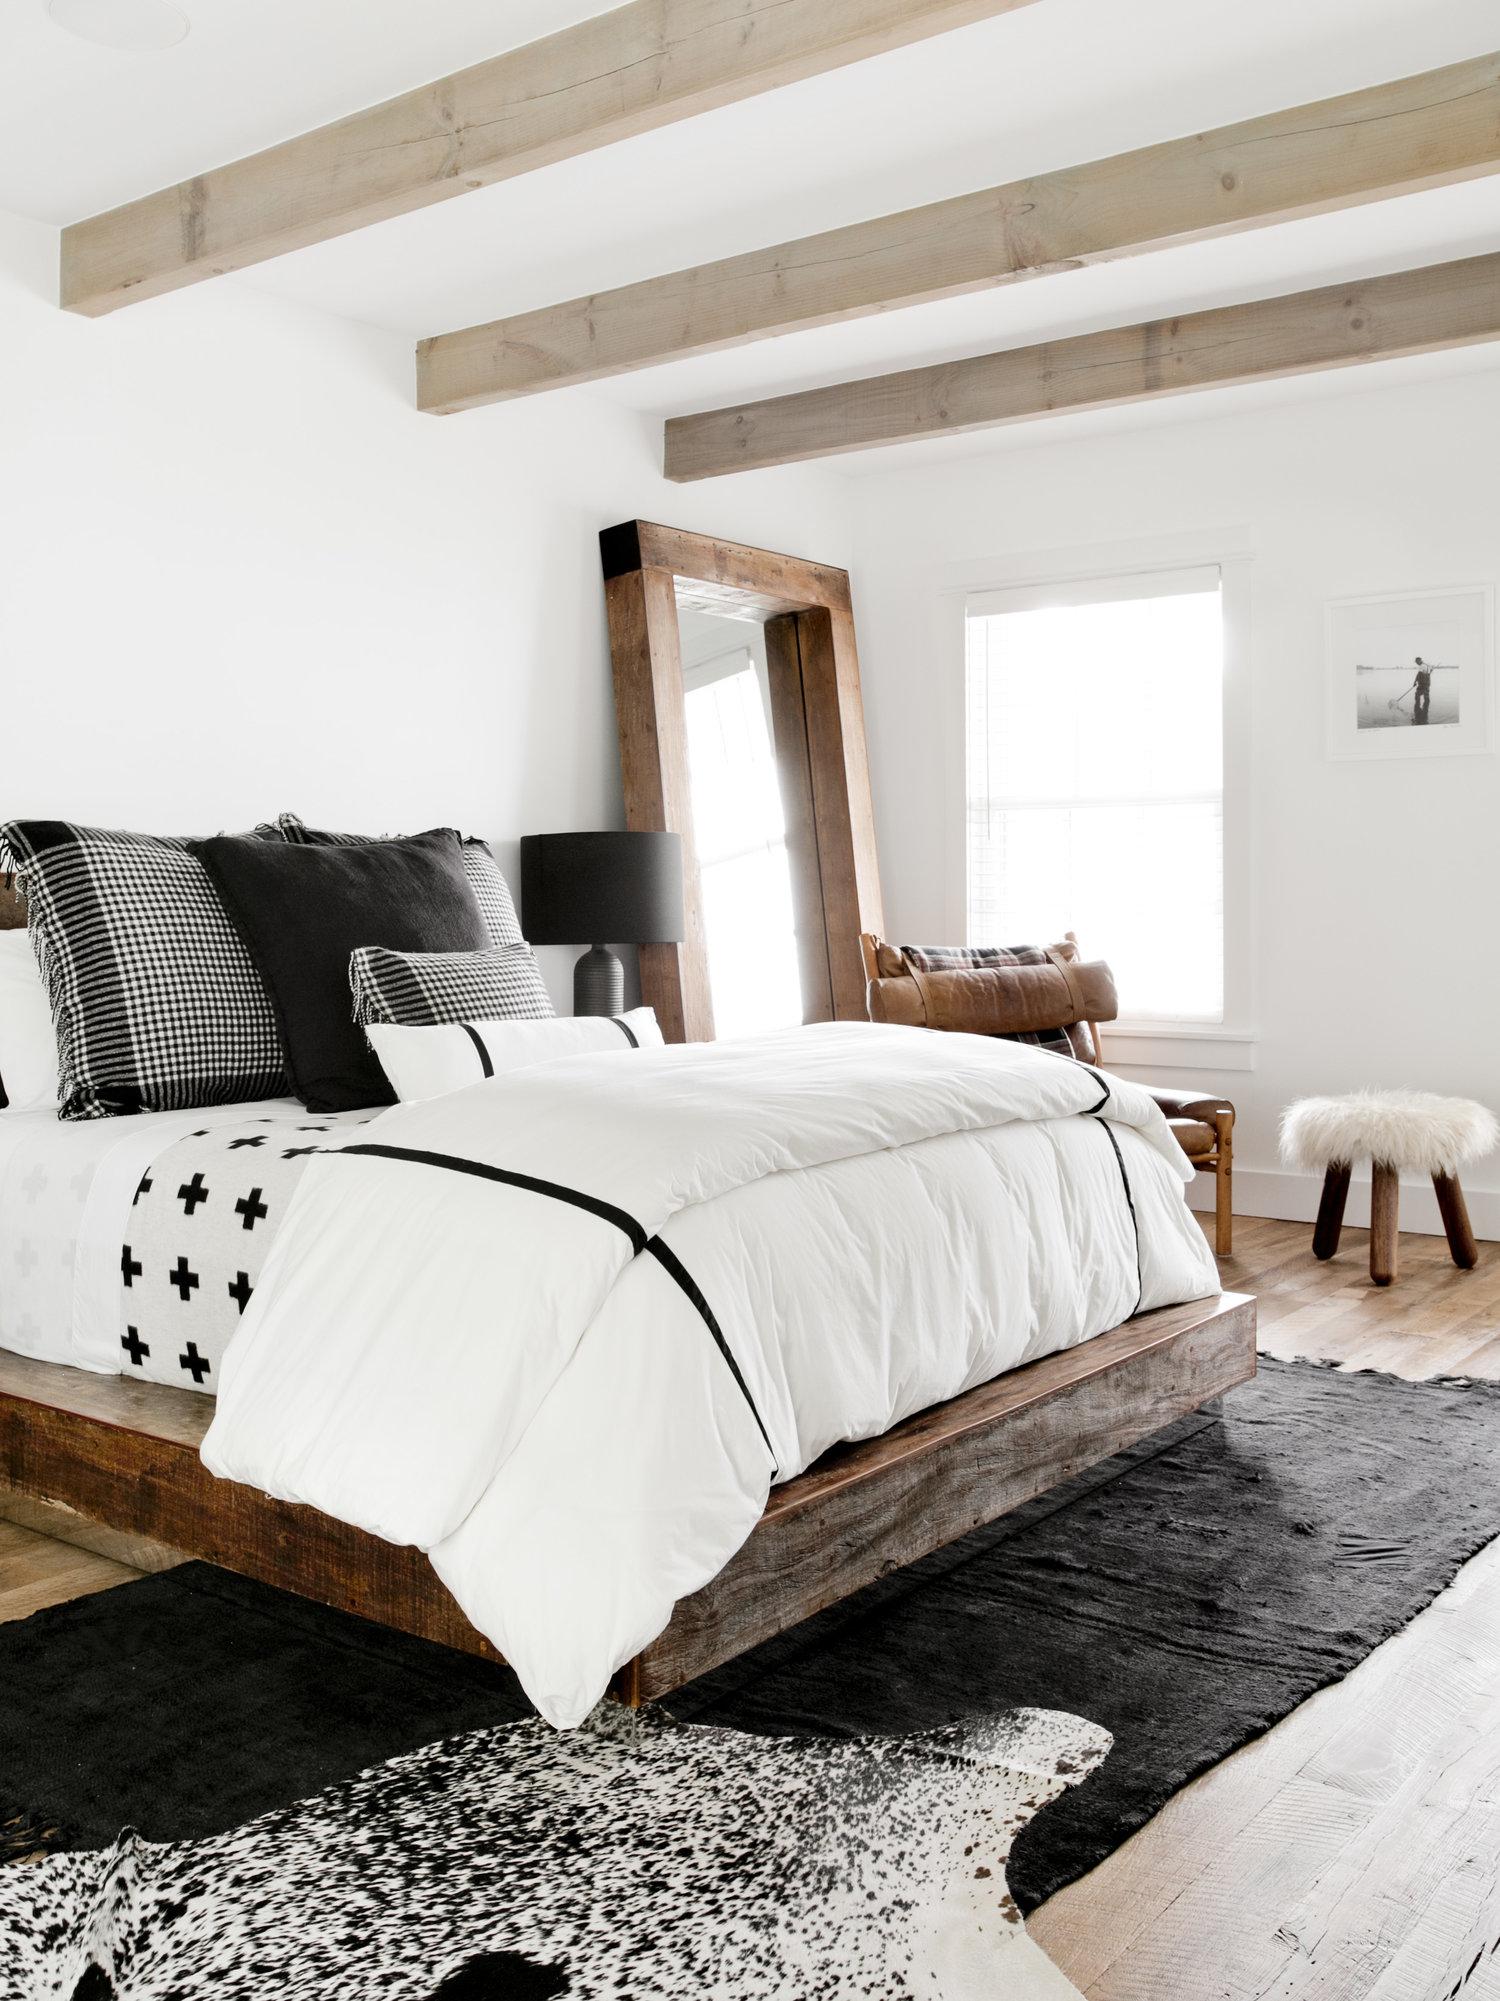 спальня потолок балки шкура кровать подушки текстиль напольное зеркало